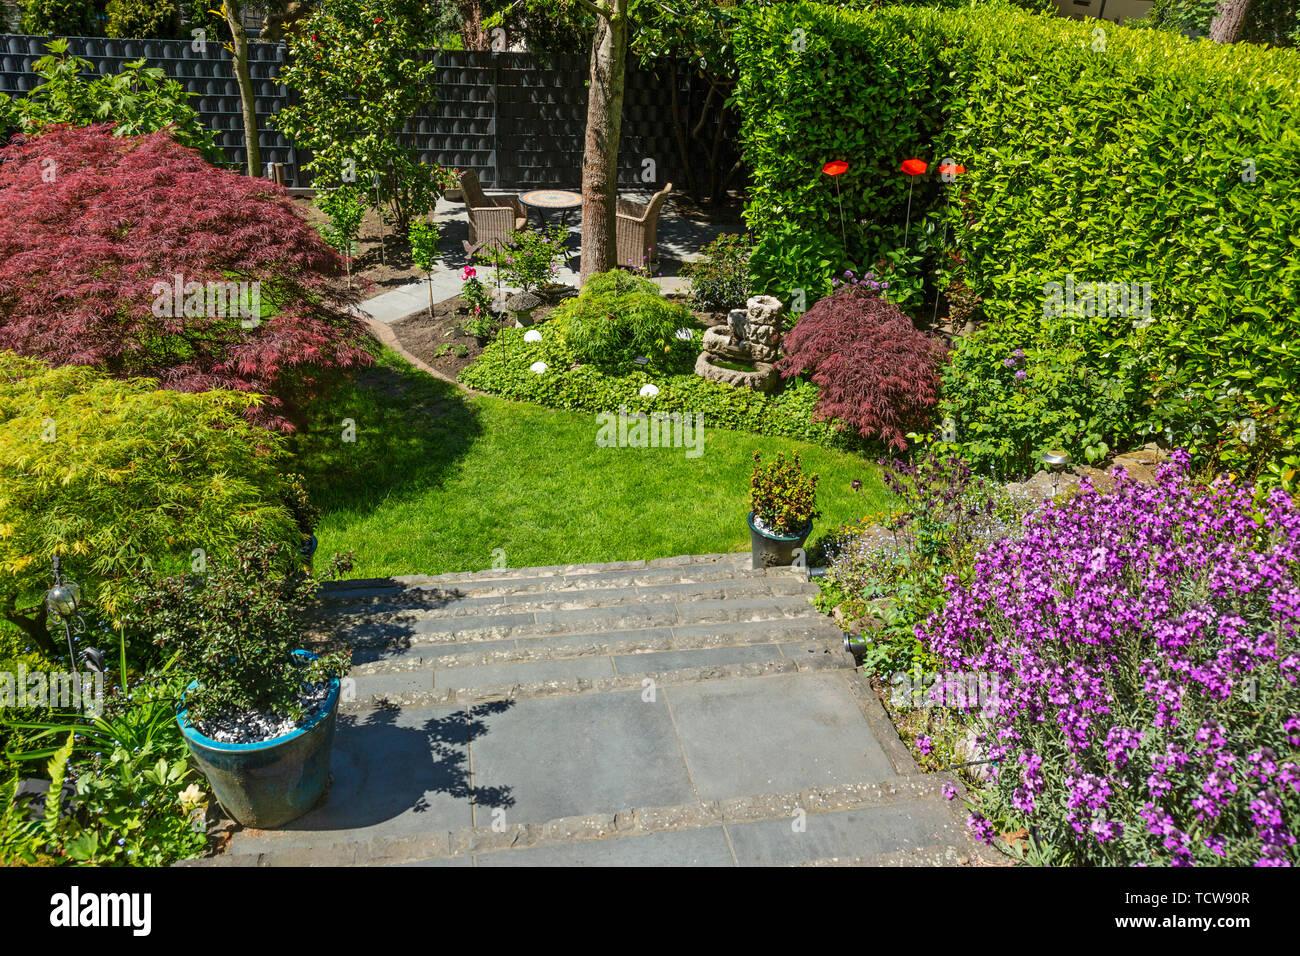 Giardino Di Una Casa giardino di una casa residenziale, giardino di fiori, fiori